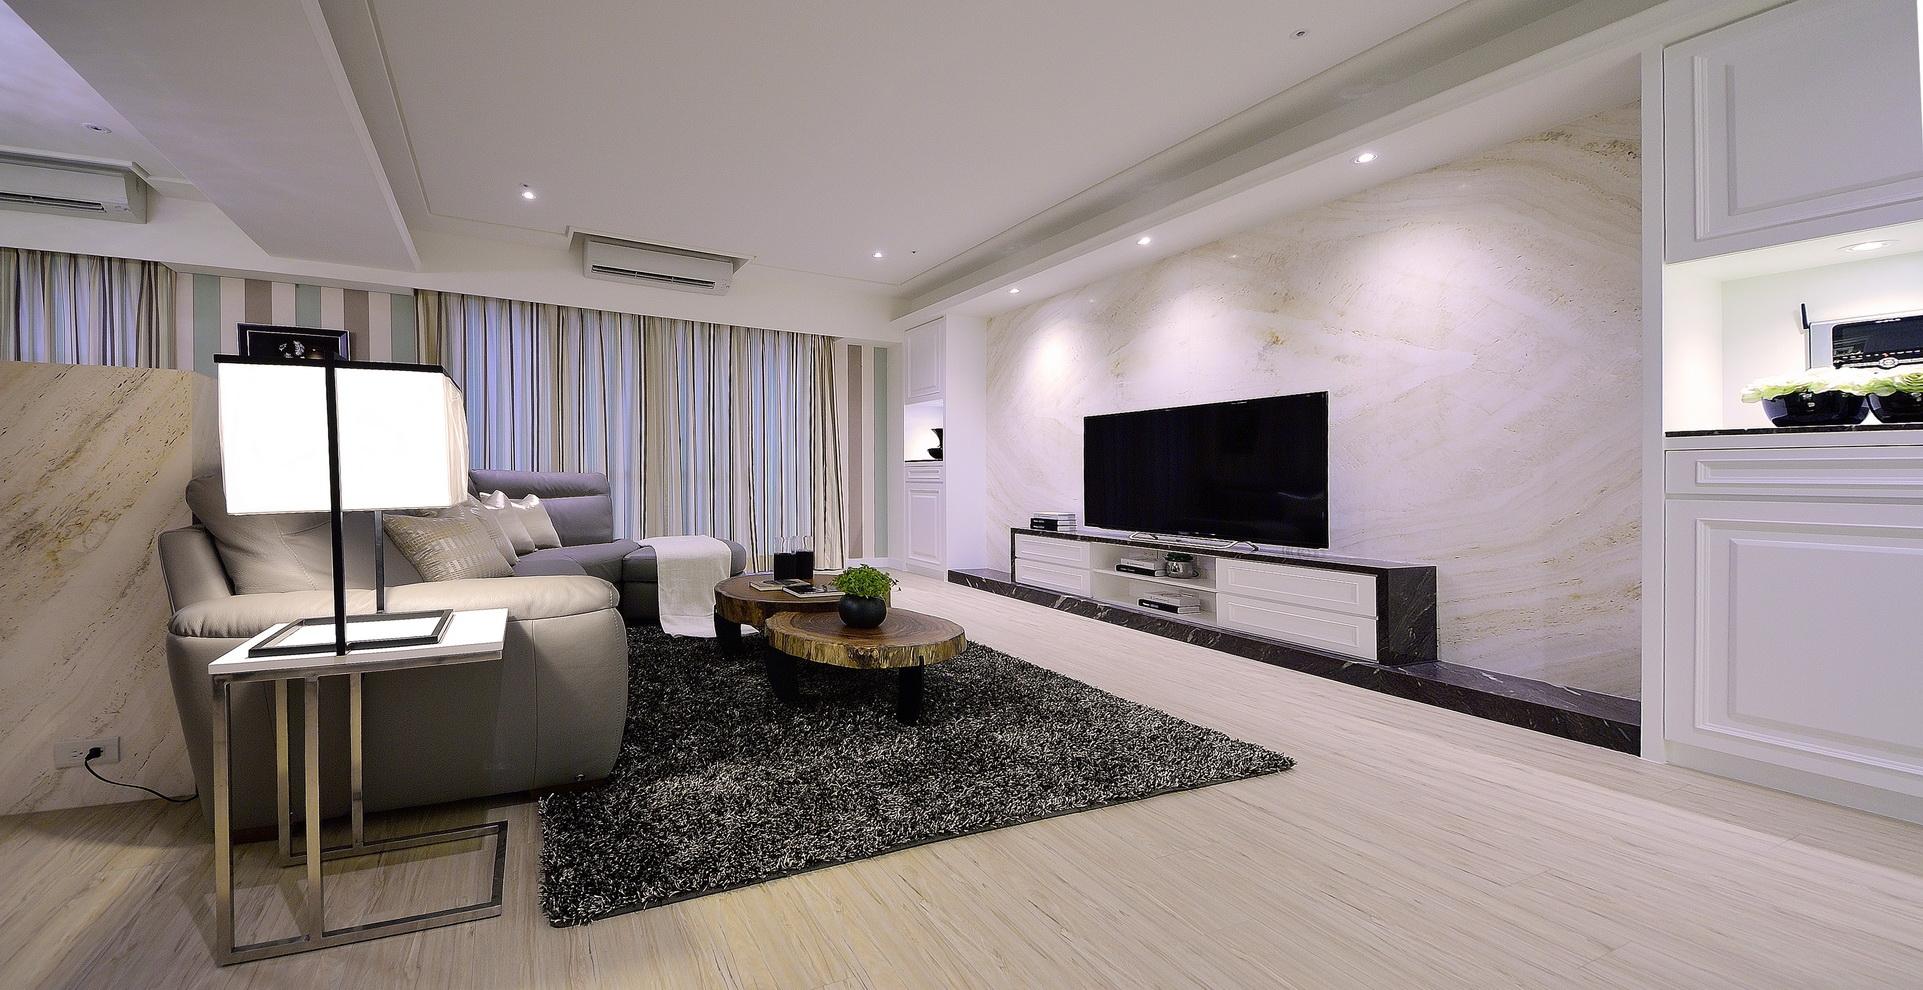 【住宅設計】林口冠東方黃公館-美式簡約居家風客廳-義大利洞石